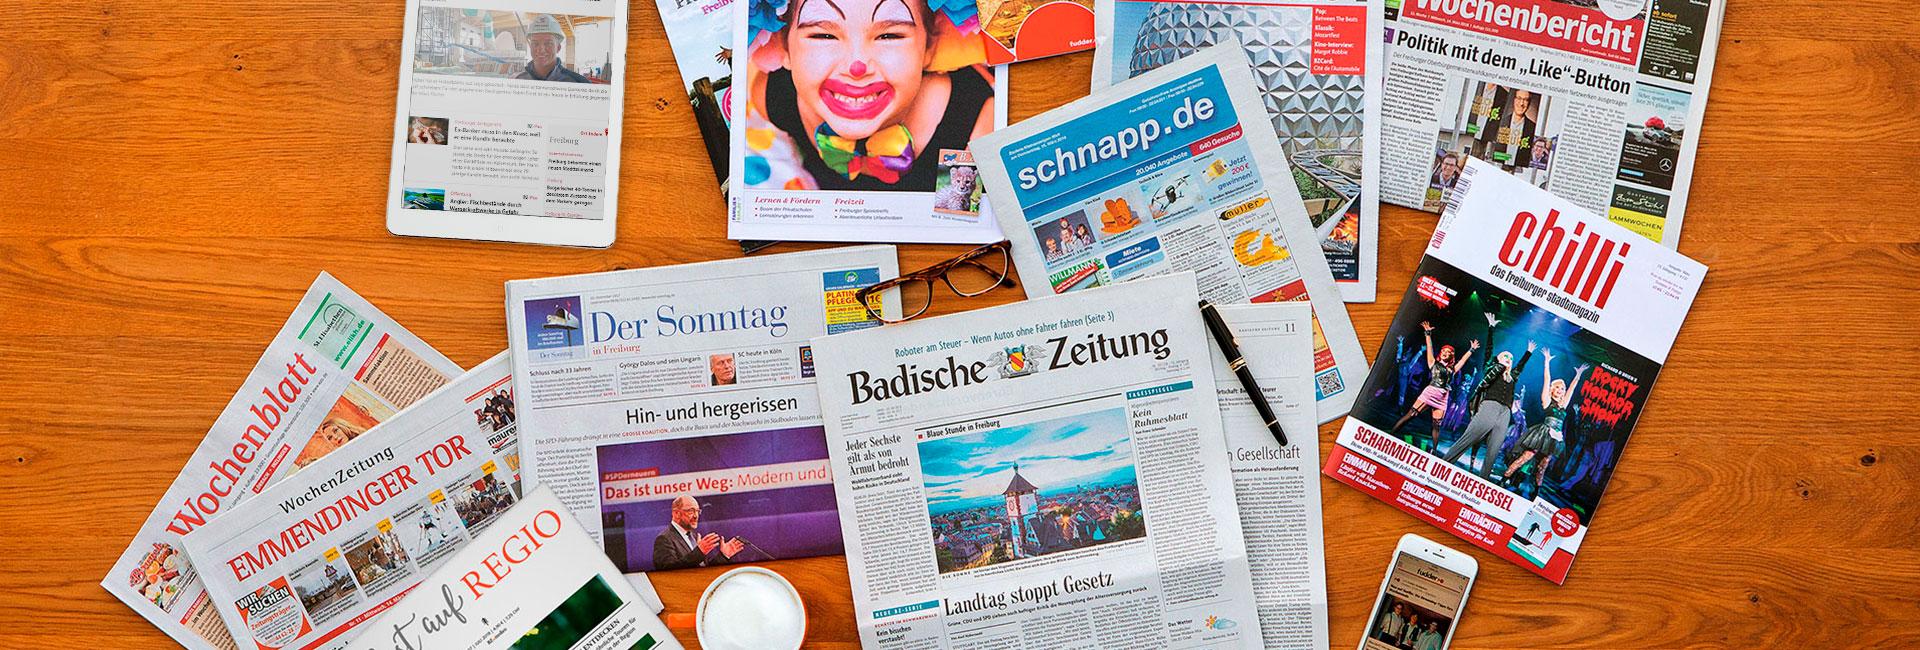 Badischer Verlag GmbH & Co. KG